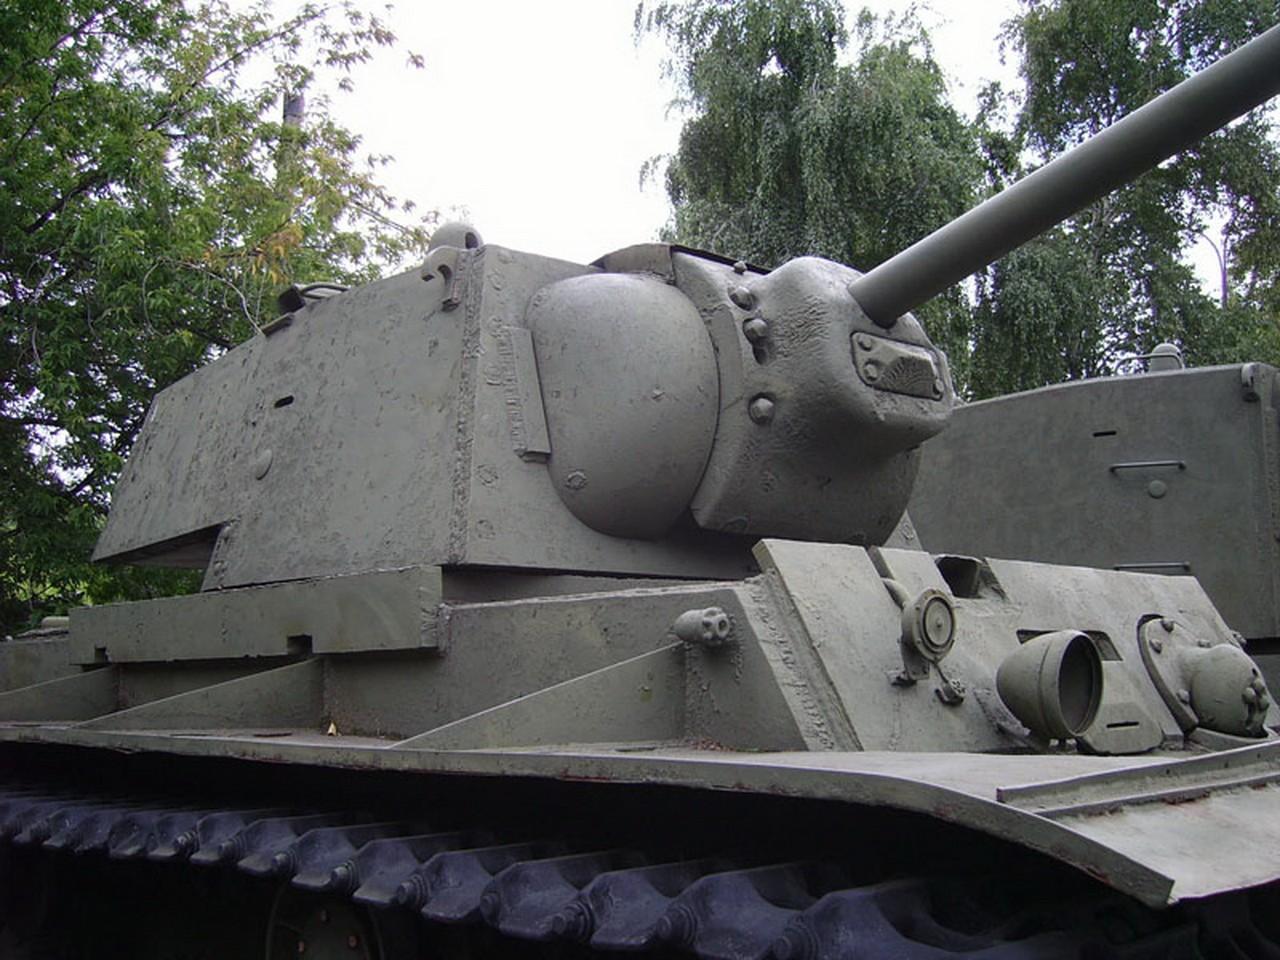 KV-1 (KV-1)